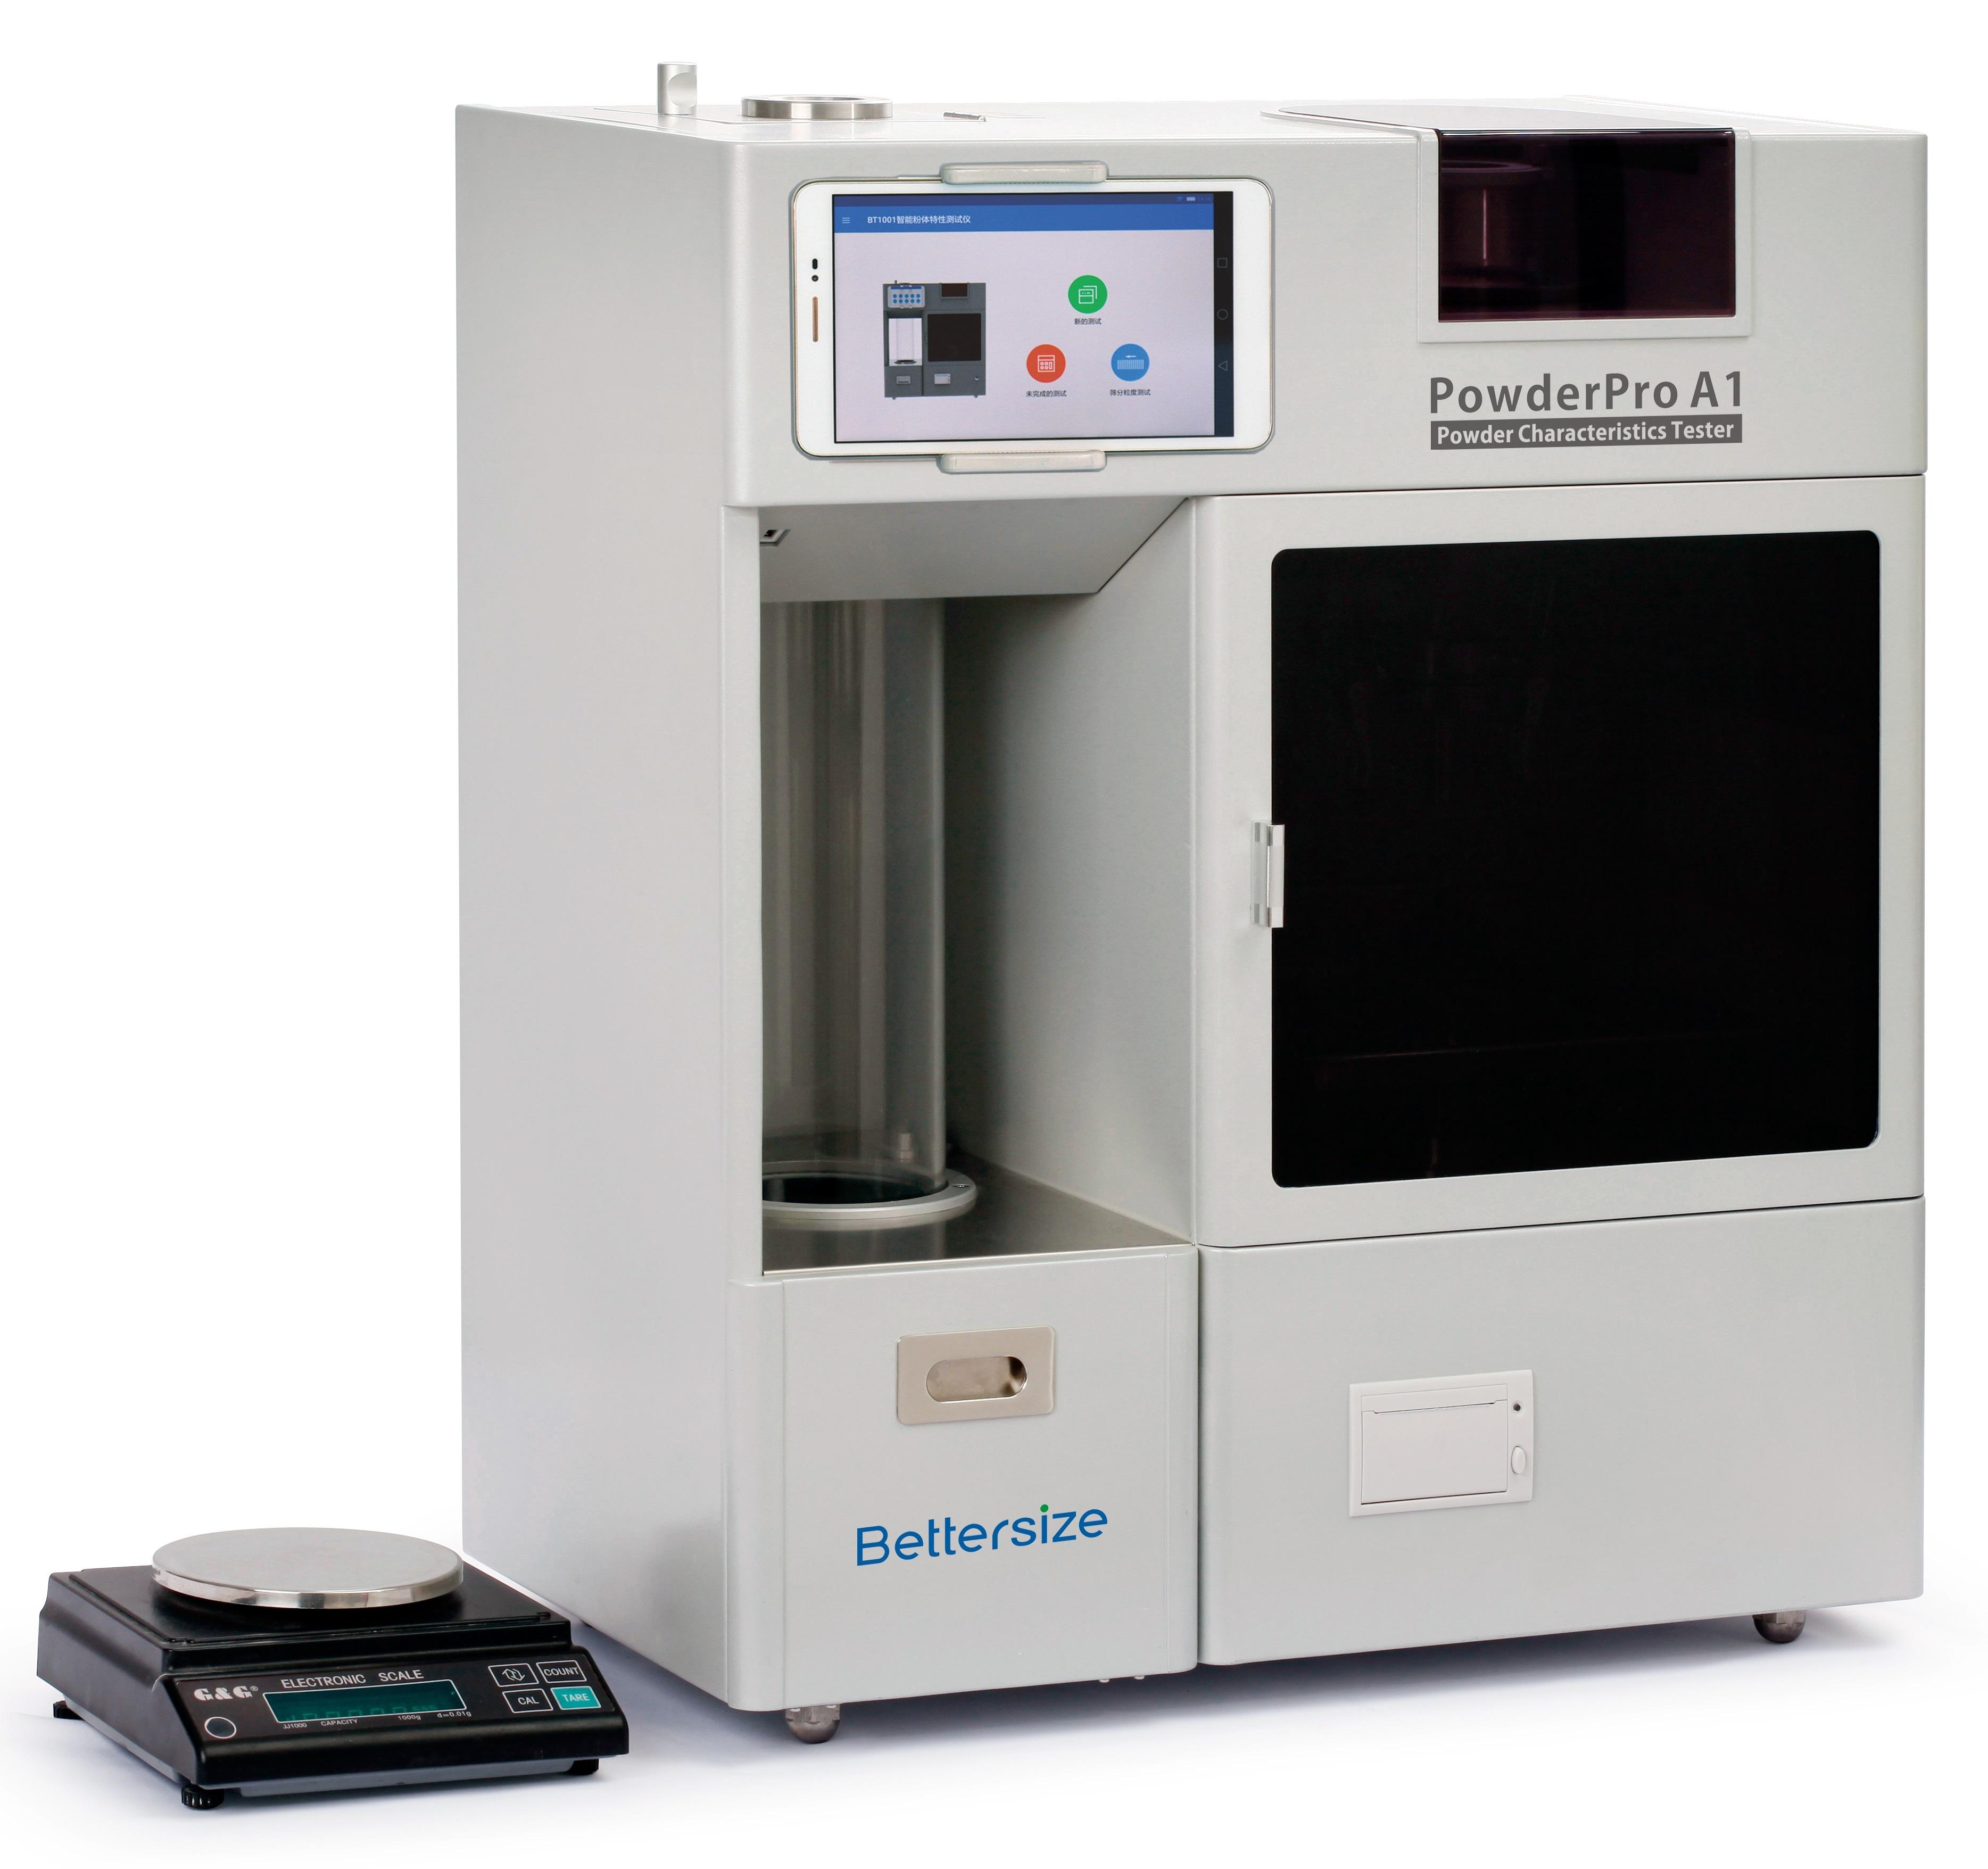 PowderPro A1: Automatic Powder Characteristic Tester